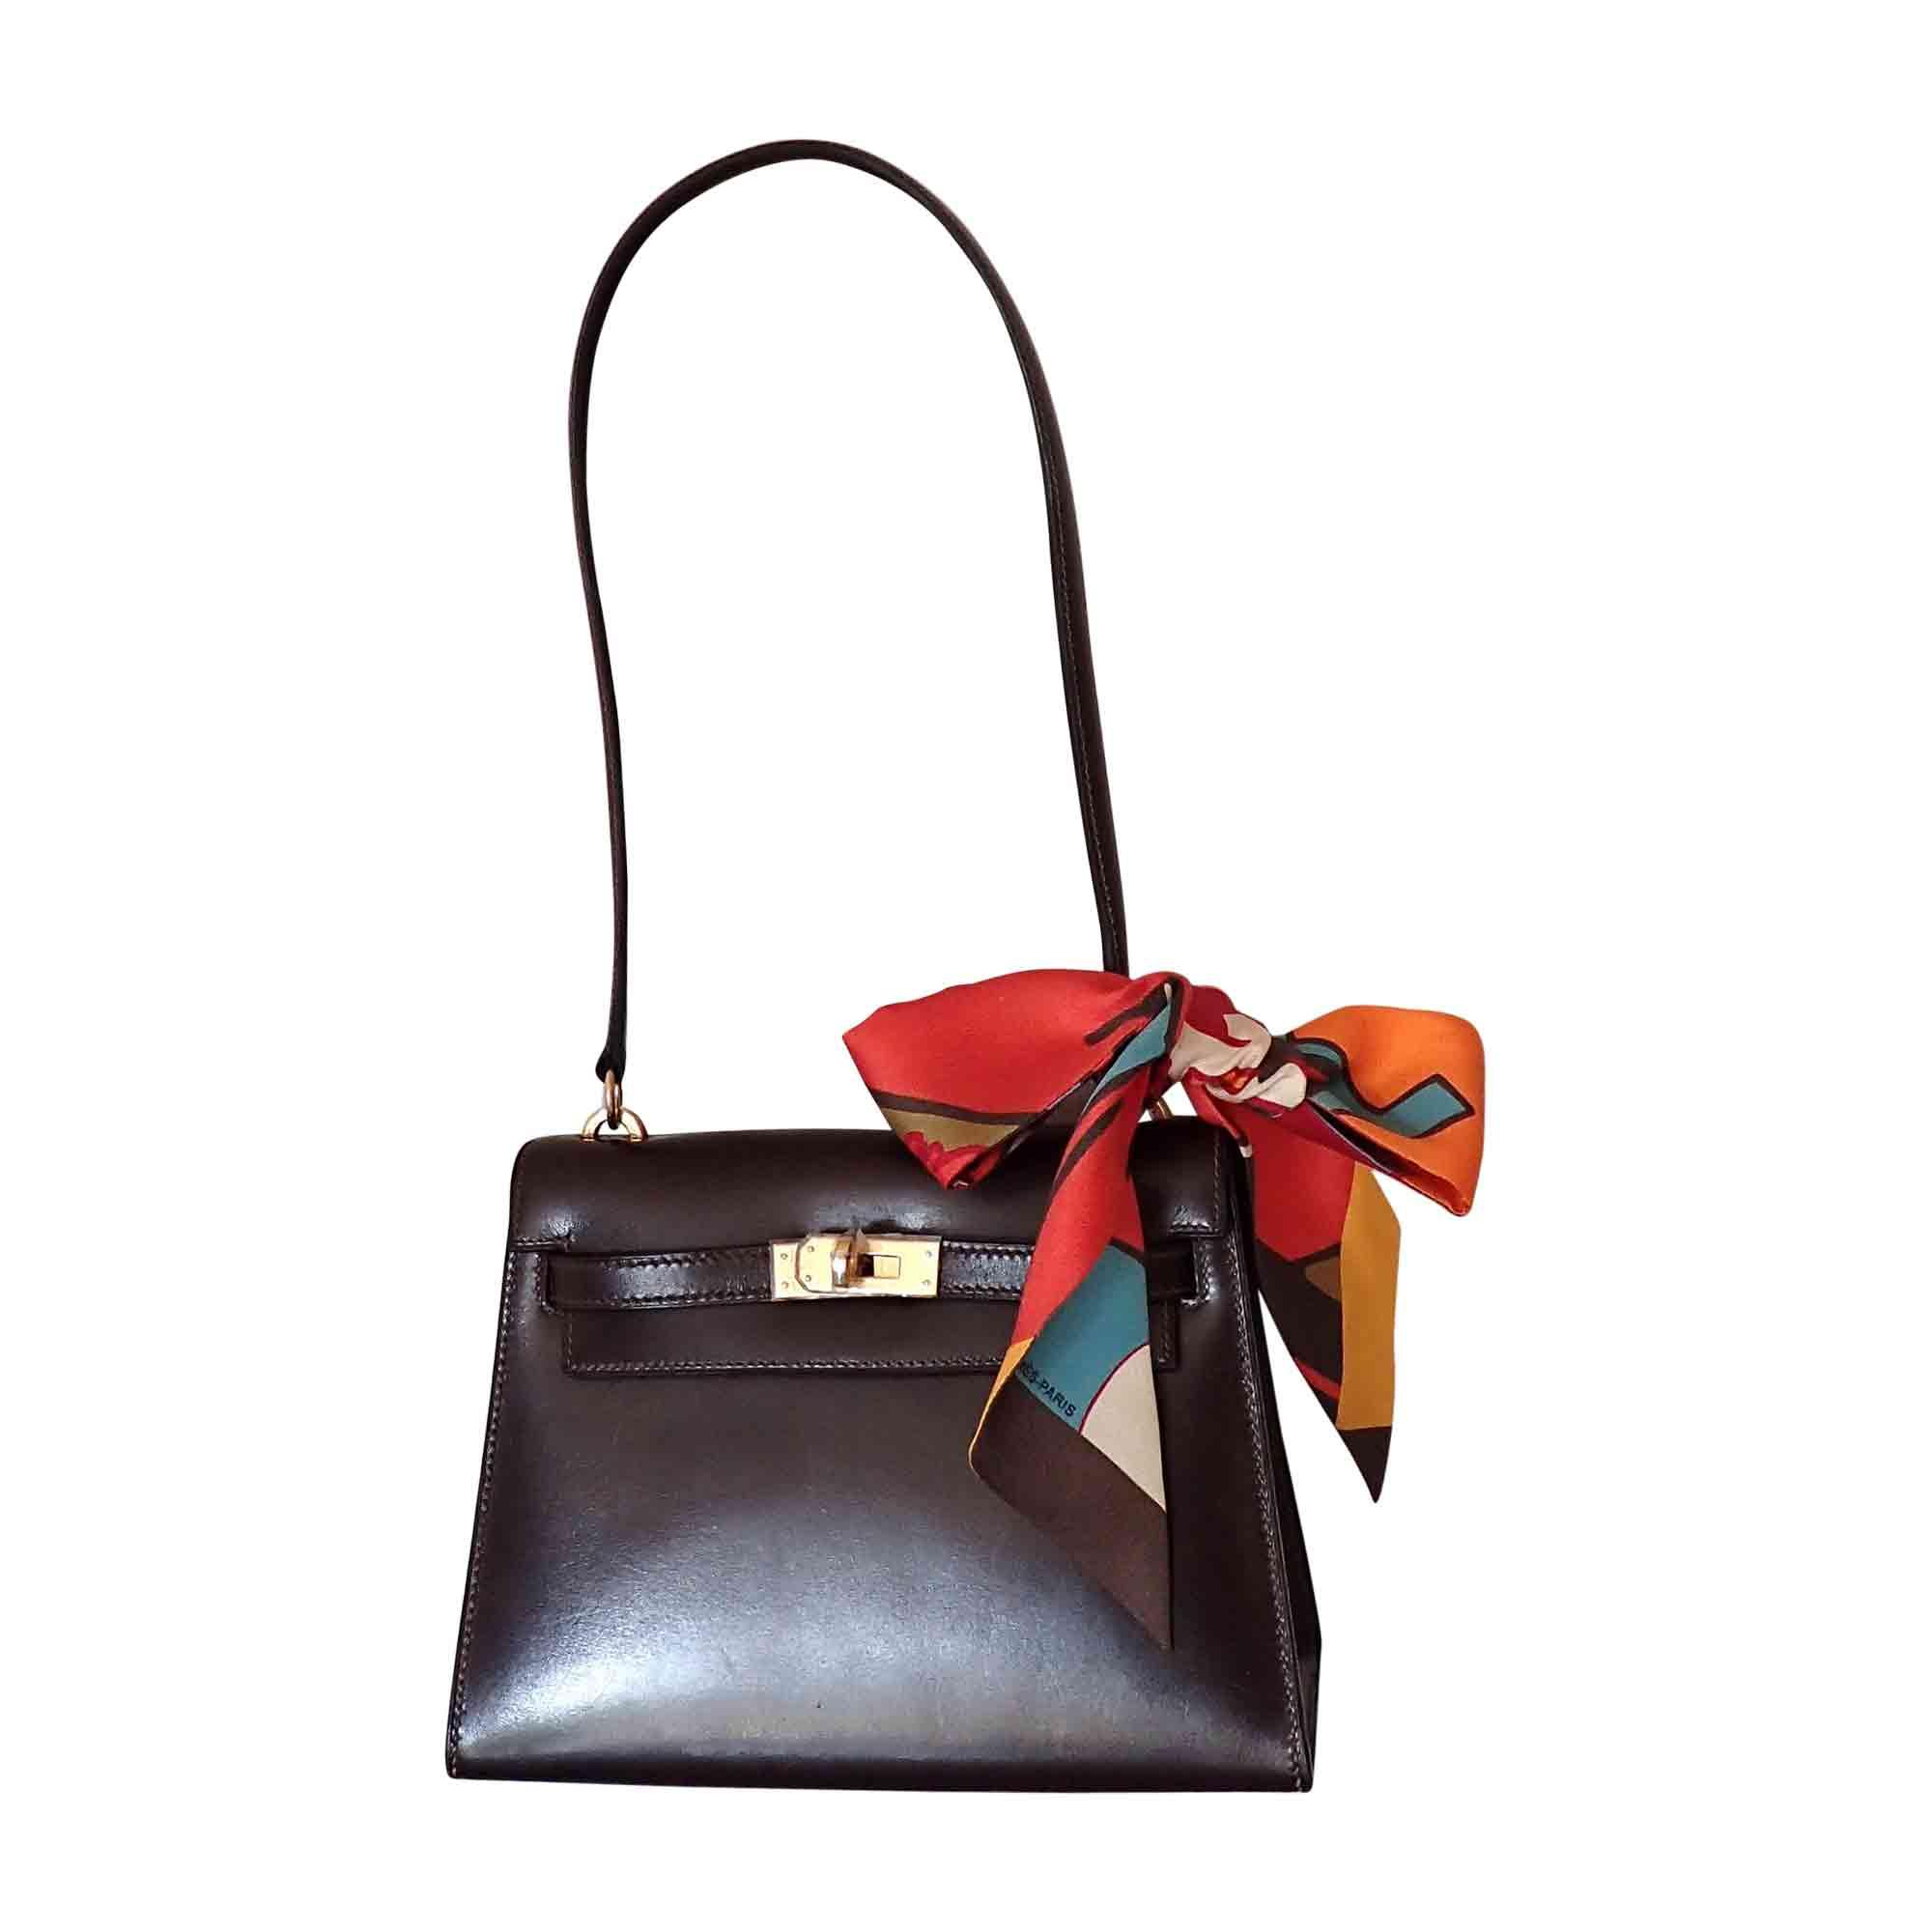 a60a88933526 Sac en bandoulière en cuir HERMÈS kelly marron - 6544815